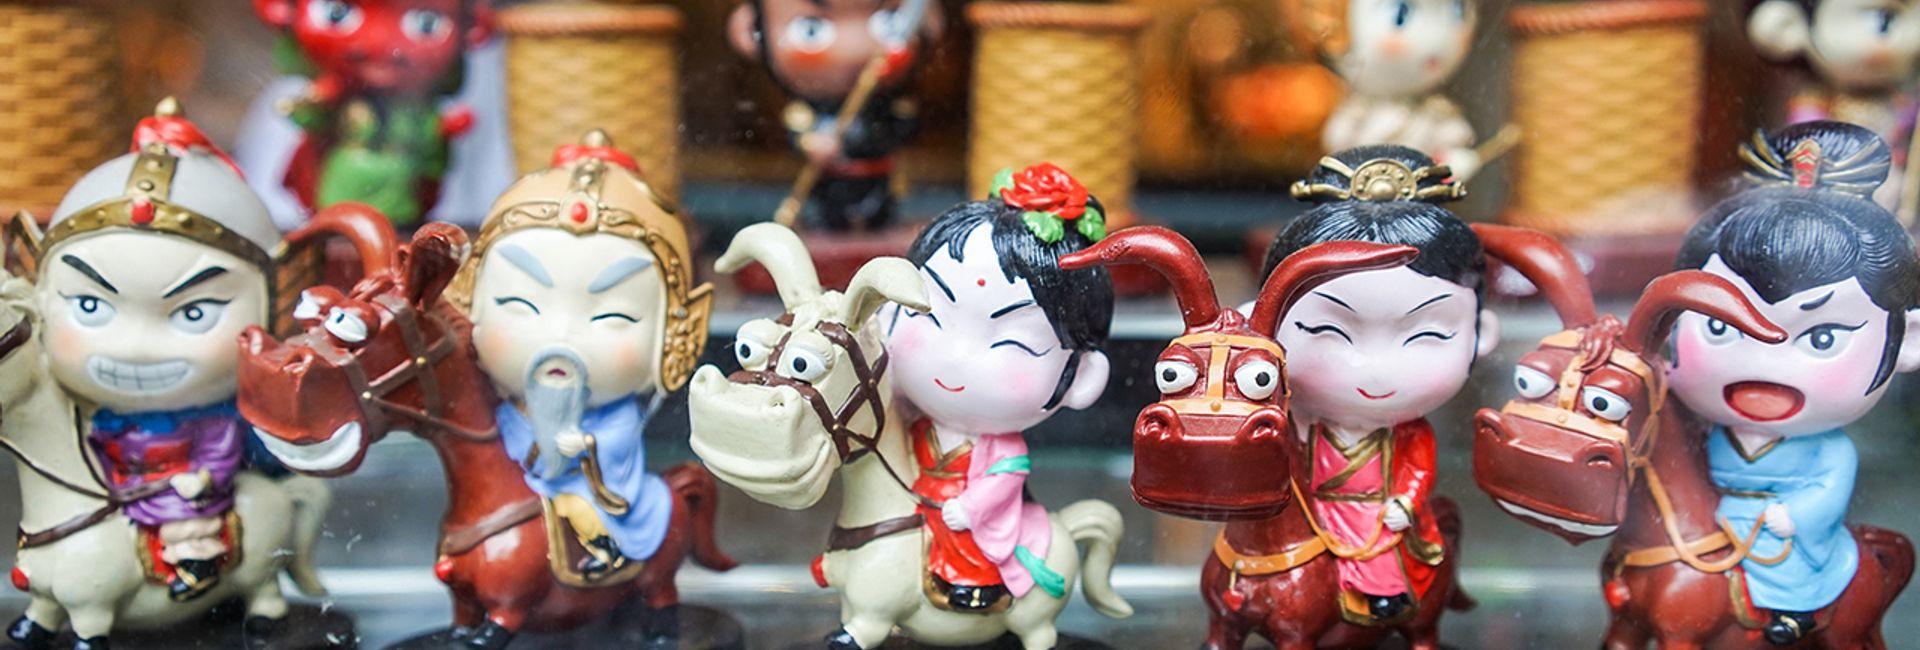 Top 15 món quà lưu niệm nên mua khi du lịch Hồng Kông